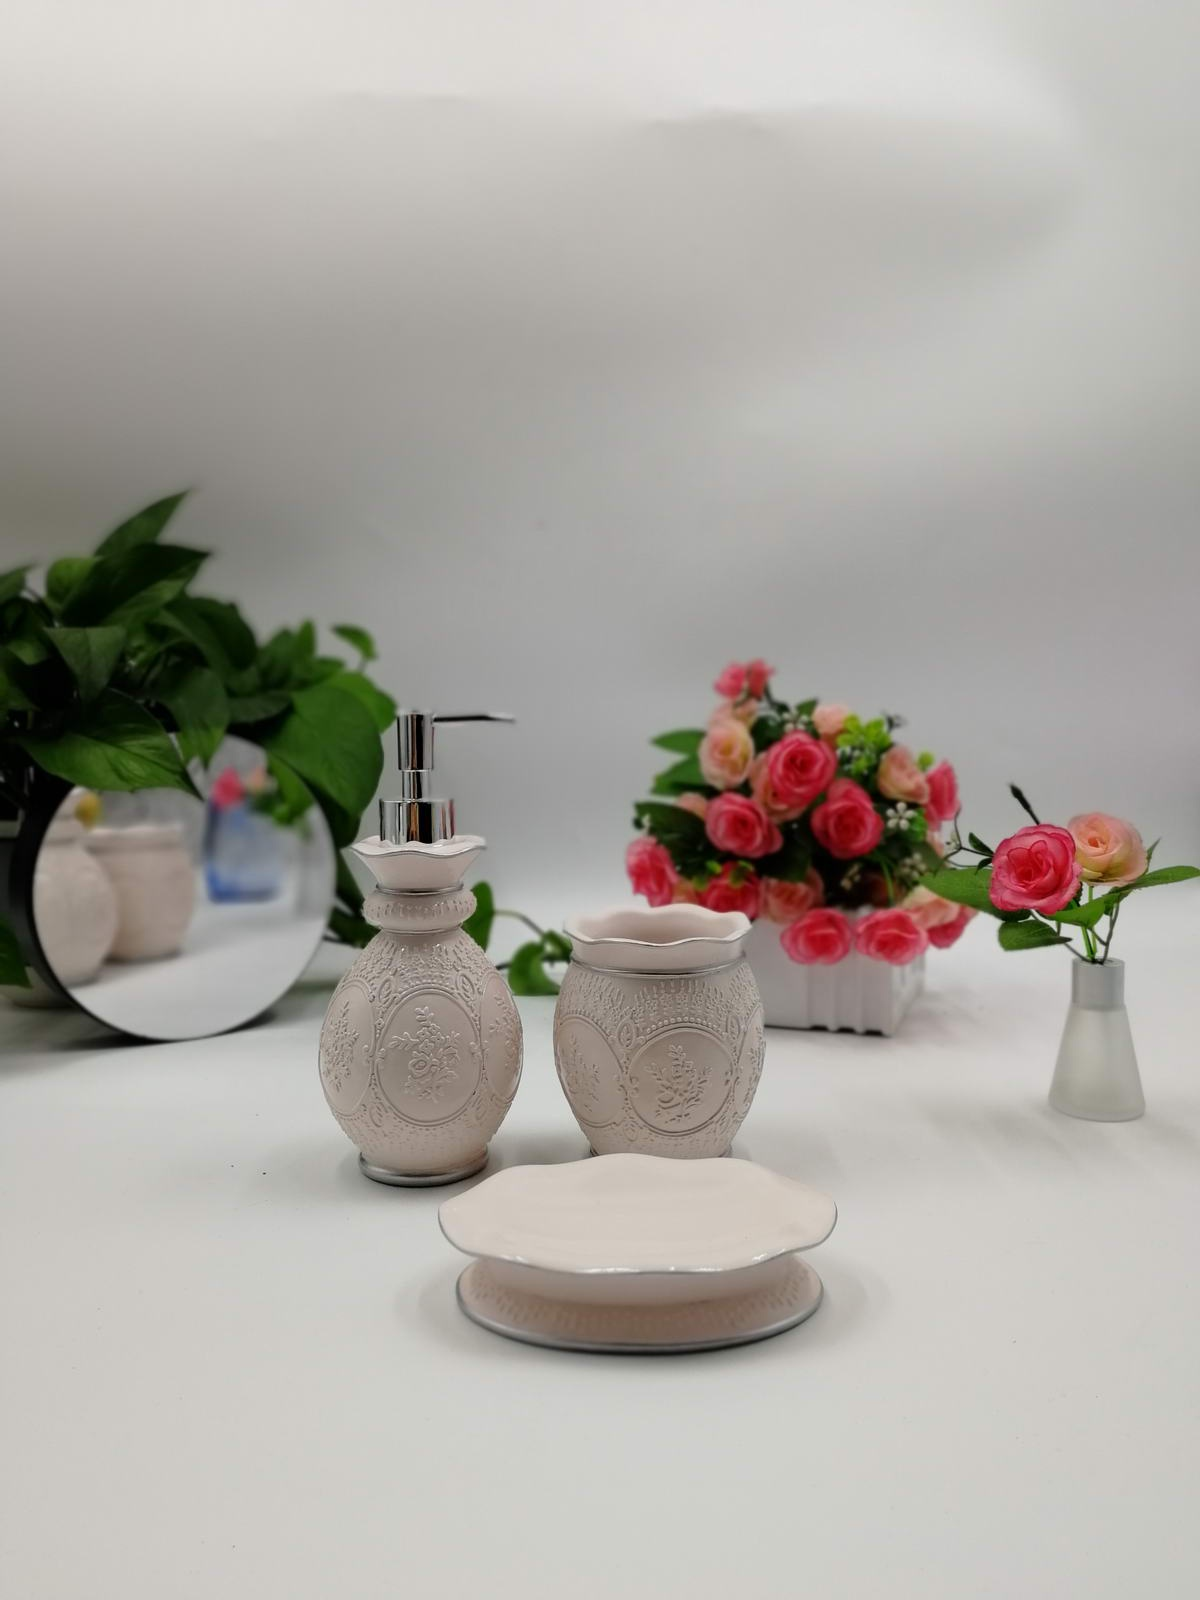 Набор для ванной комнаты Sofi de Marko ВК-40, ВК-40-пудра, светло-розовыйВК-40-пудраПодарочный набор для ванны. Комплектация: Дозатор для жидкого мыла Стаканчик для зубных щеток Мыльница для твердого мыла 100% Полирезина Упаковка: подарочная коробка